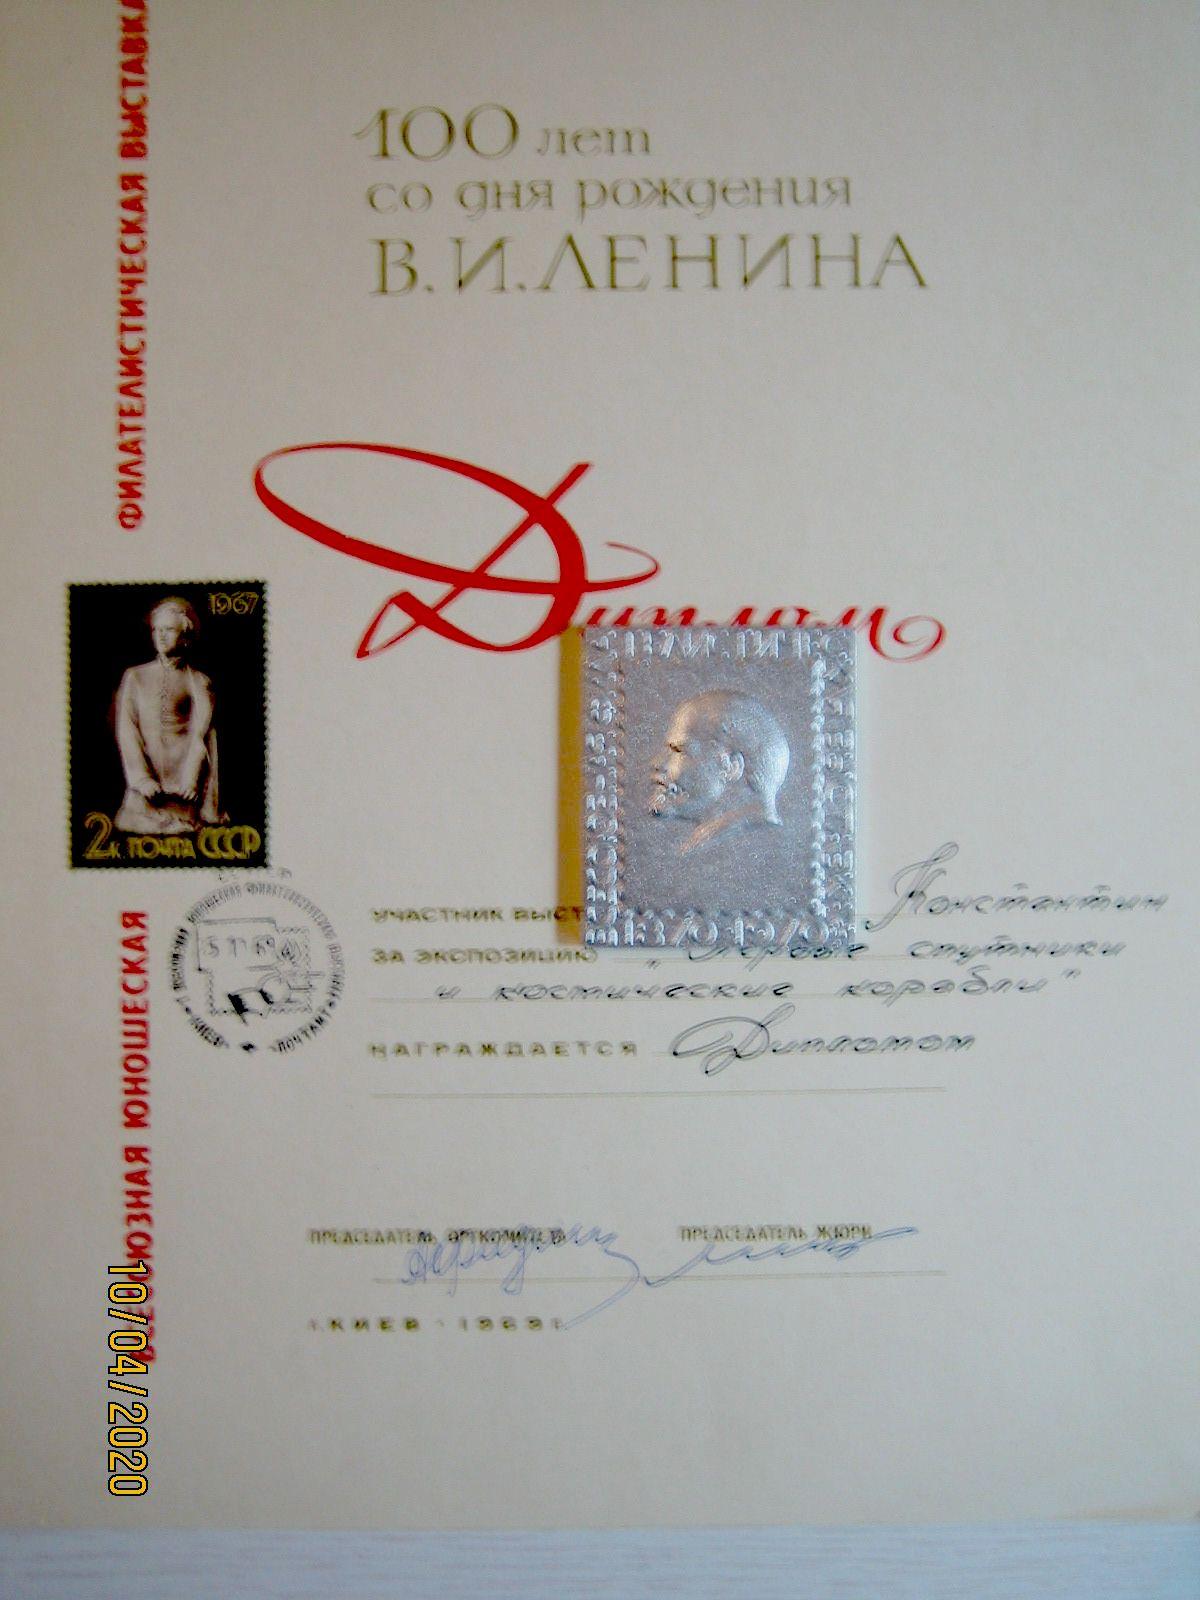 Диплом и плакетка полученные мной за участие во  Всесоюзной филателистической выставке посвящённой «100 лет со дня рождения В. И. Ленина» в Киеве 8 ноября 1969